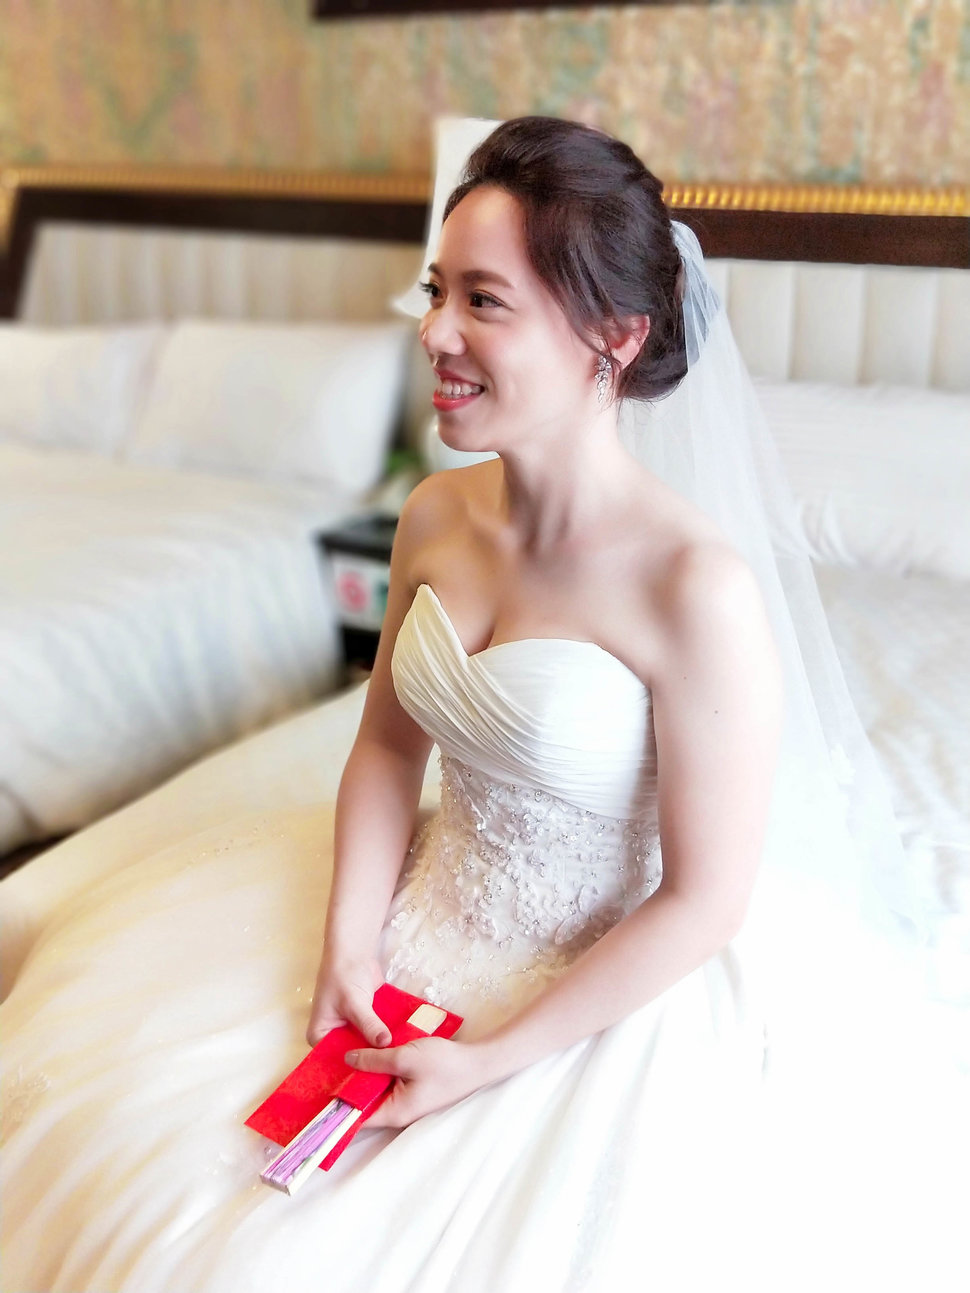 IMG20171112071211 - 新娘秘書 Yumi陳竹竹 造型工作室 - 結婚吧